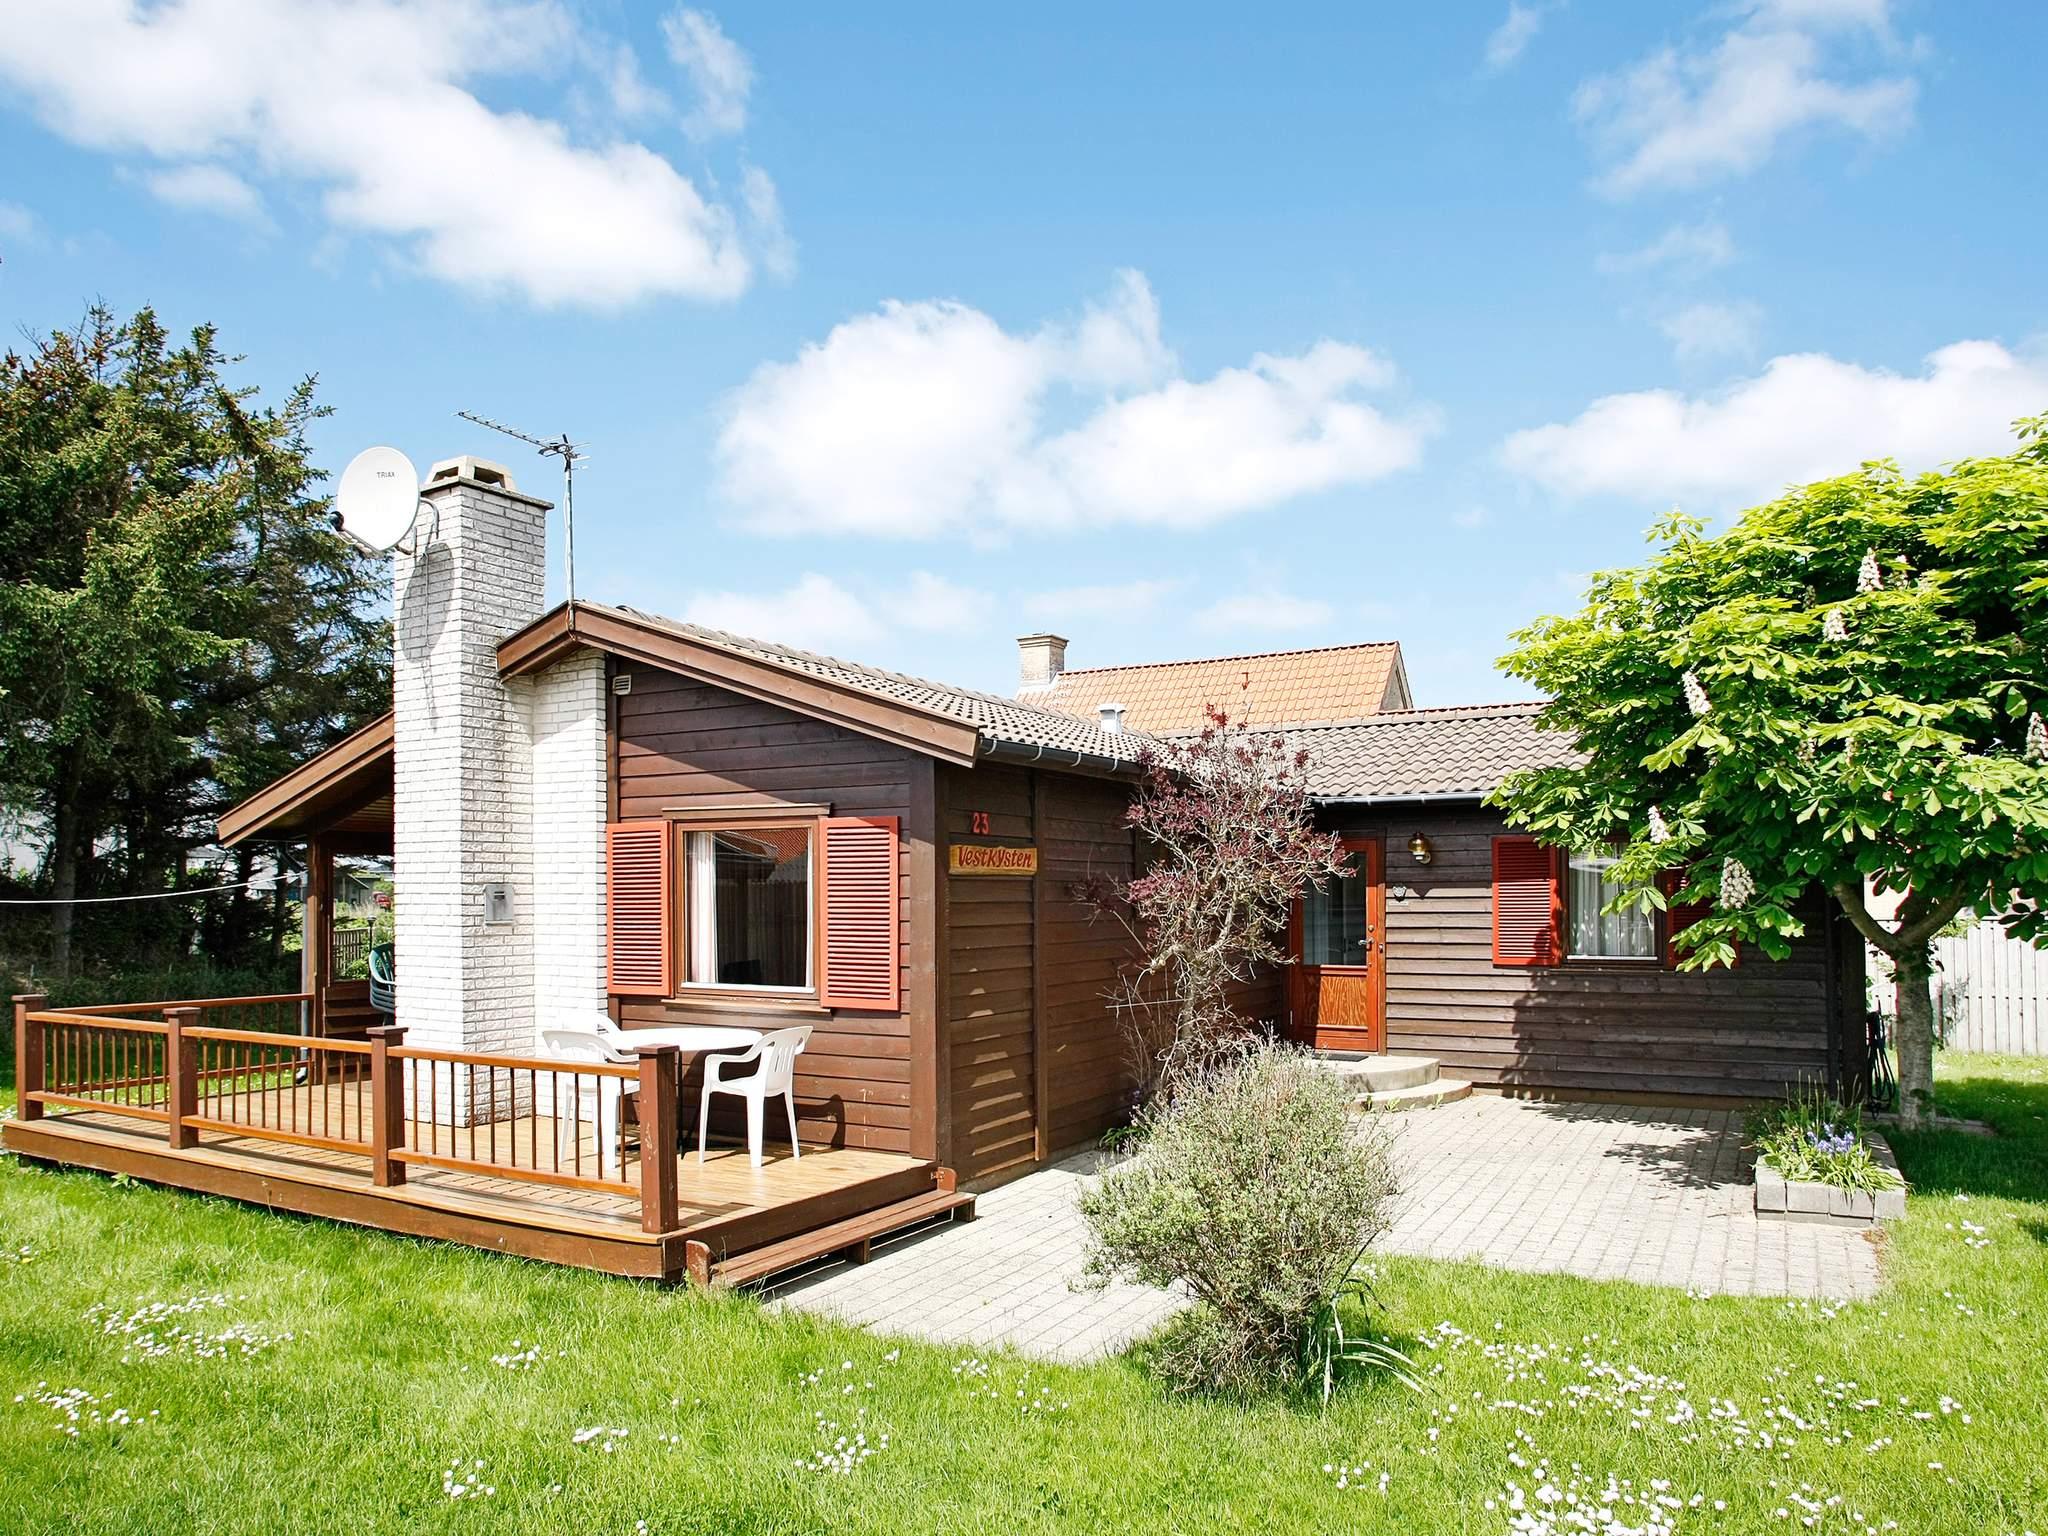 Ferienhaus Løkken (89308), Løkken, , Nordwestjütland, Dänemark, Bild 1